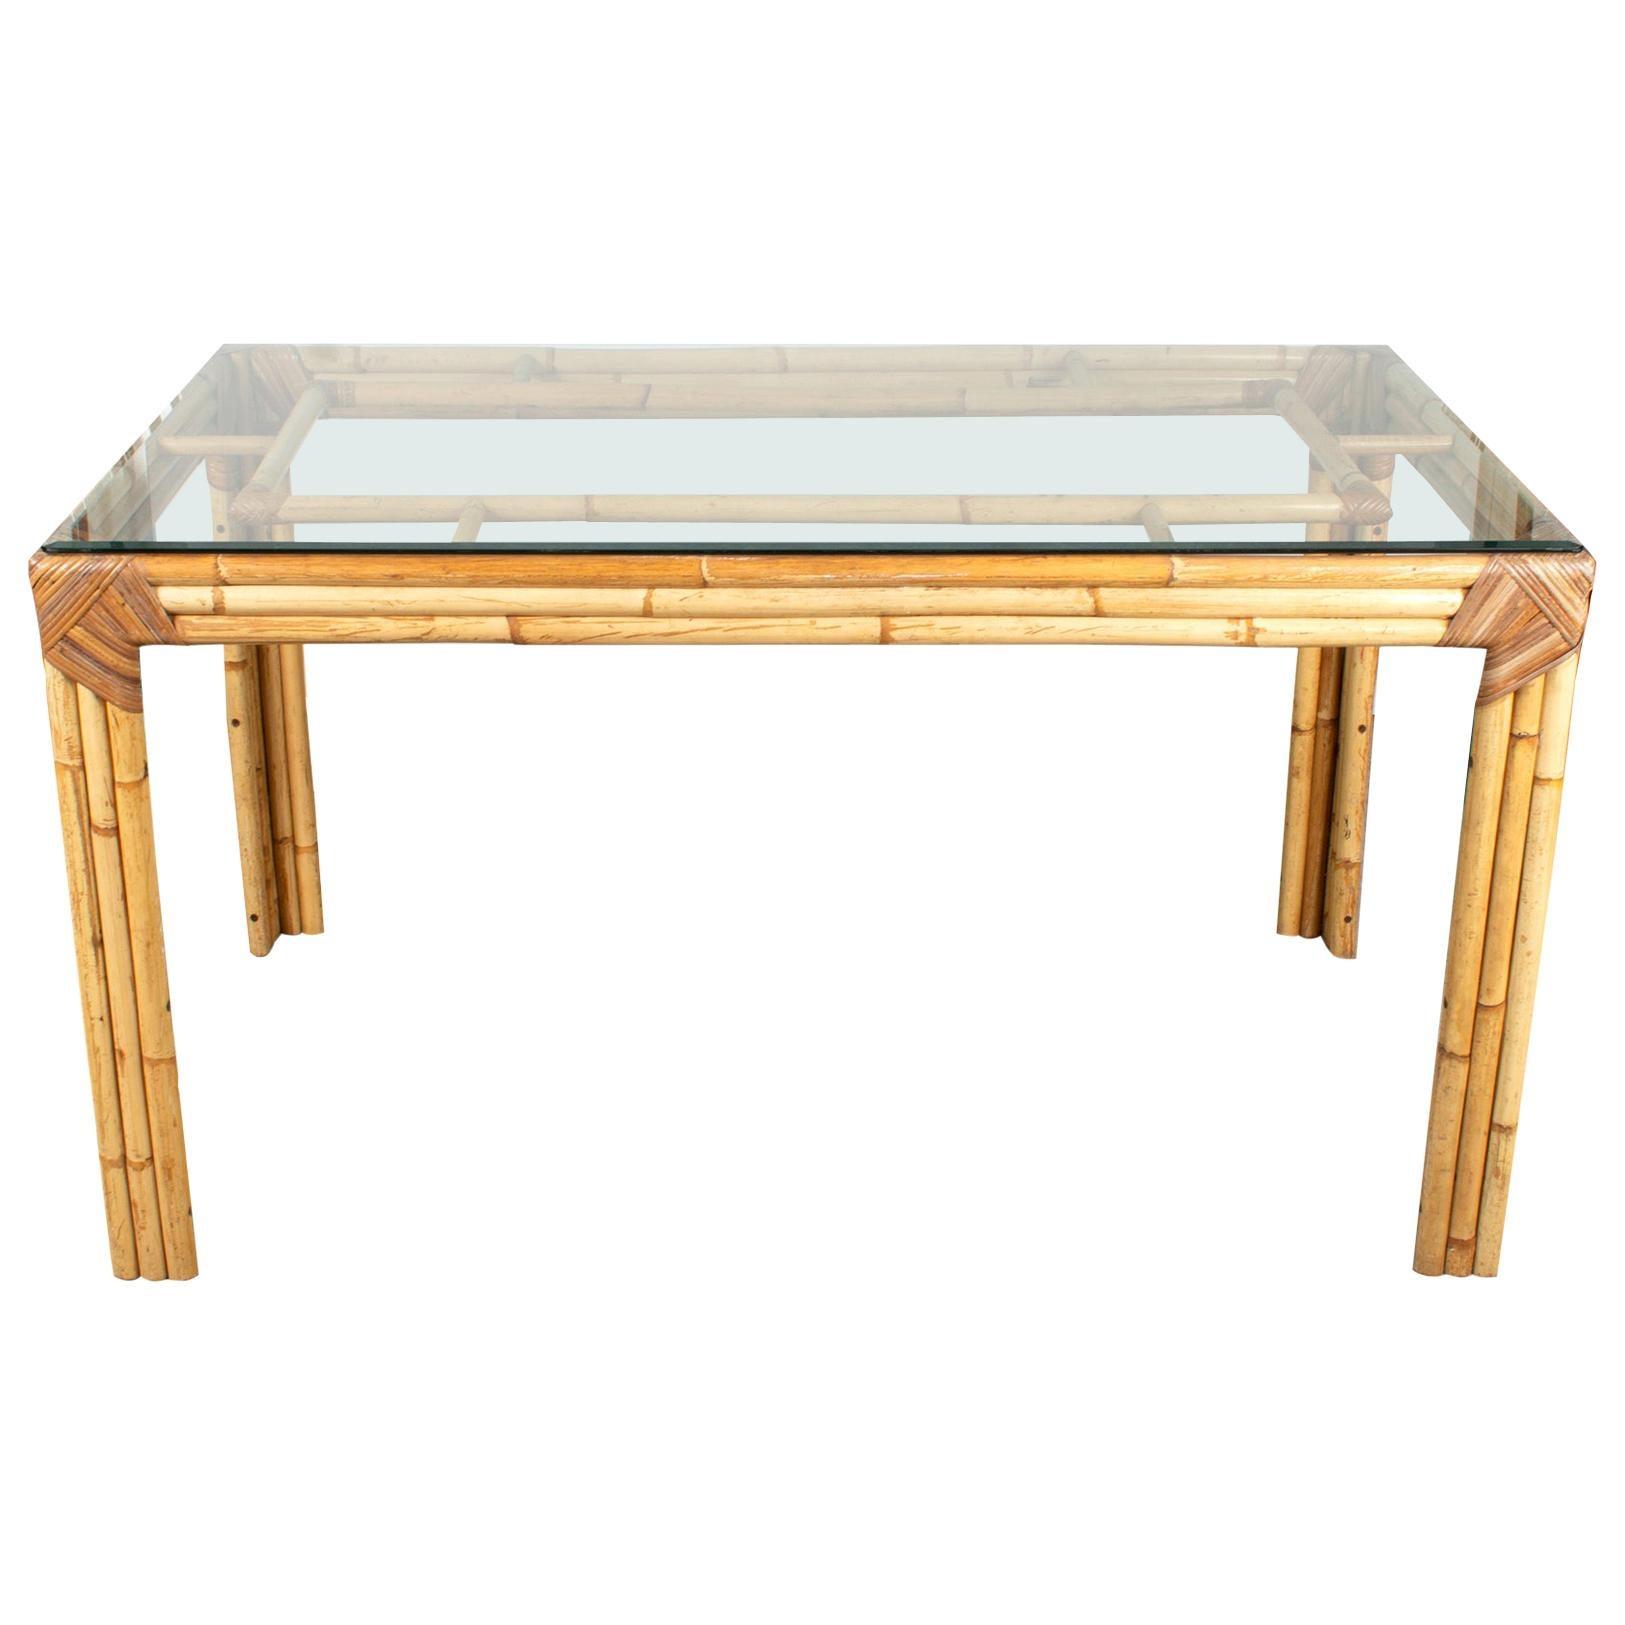 Dal Vera Dining Room Tables